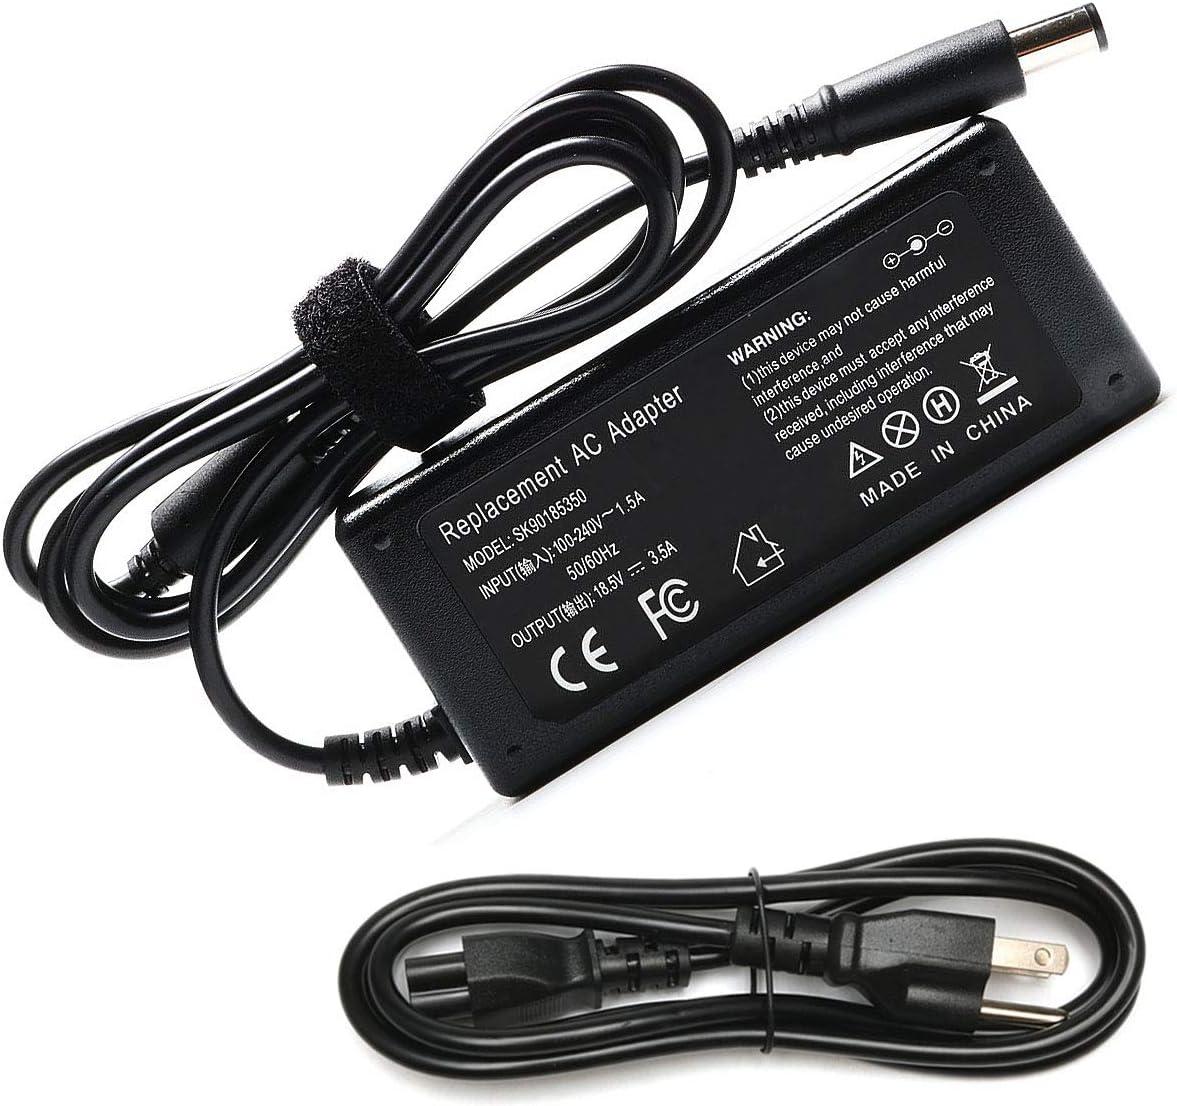 65W AC Adapter Laptop Charger for HP Elitebook 840 G1 G2 Revolve 810 G1 G2 850 Probook 640 650 655 440 450 G1 HP Notebook 2000 2000-2d60dx 2000-2d19wm 2000-369wm 2000-329wm PC Power Supply Cord Plug